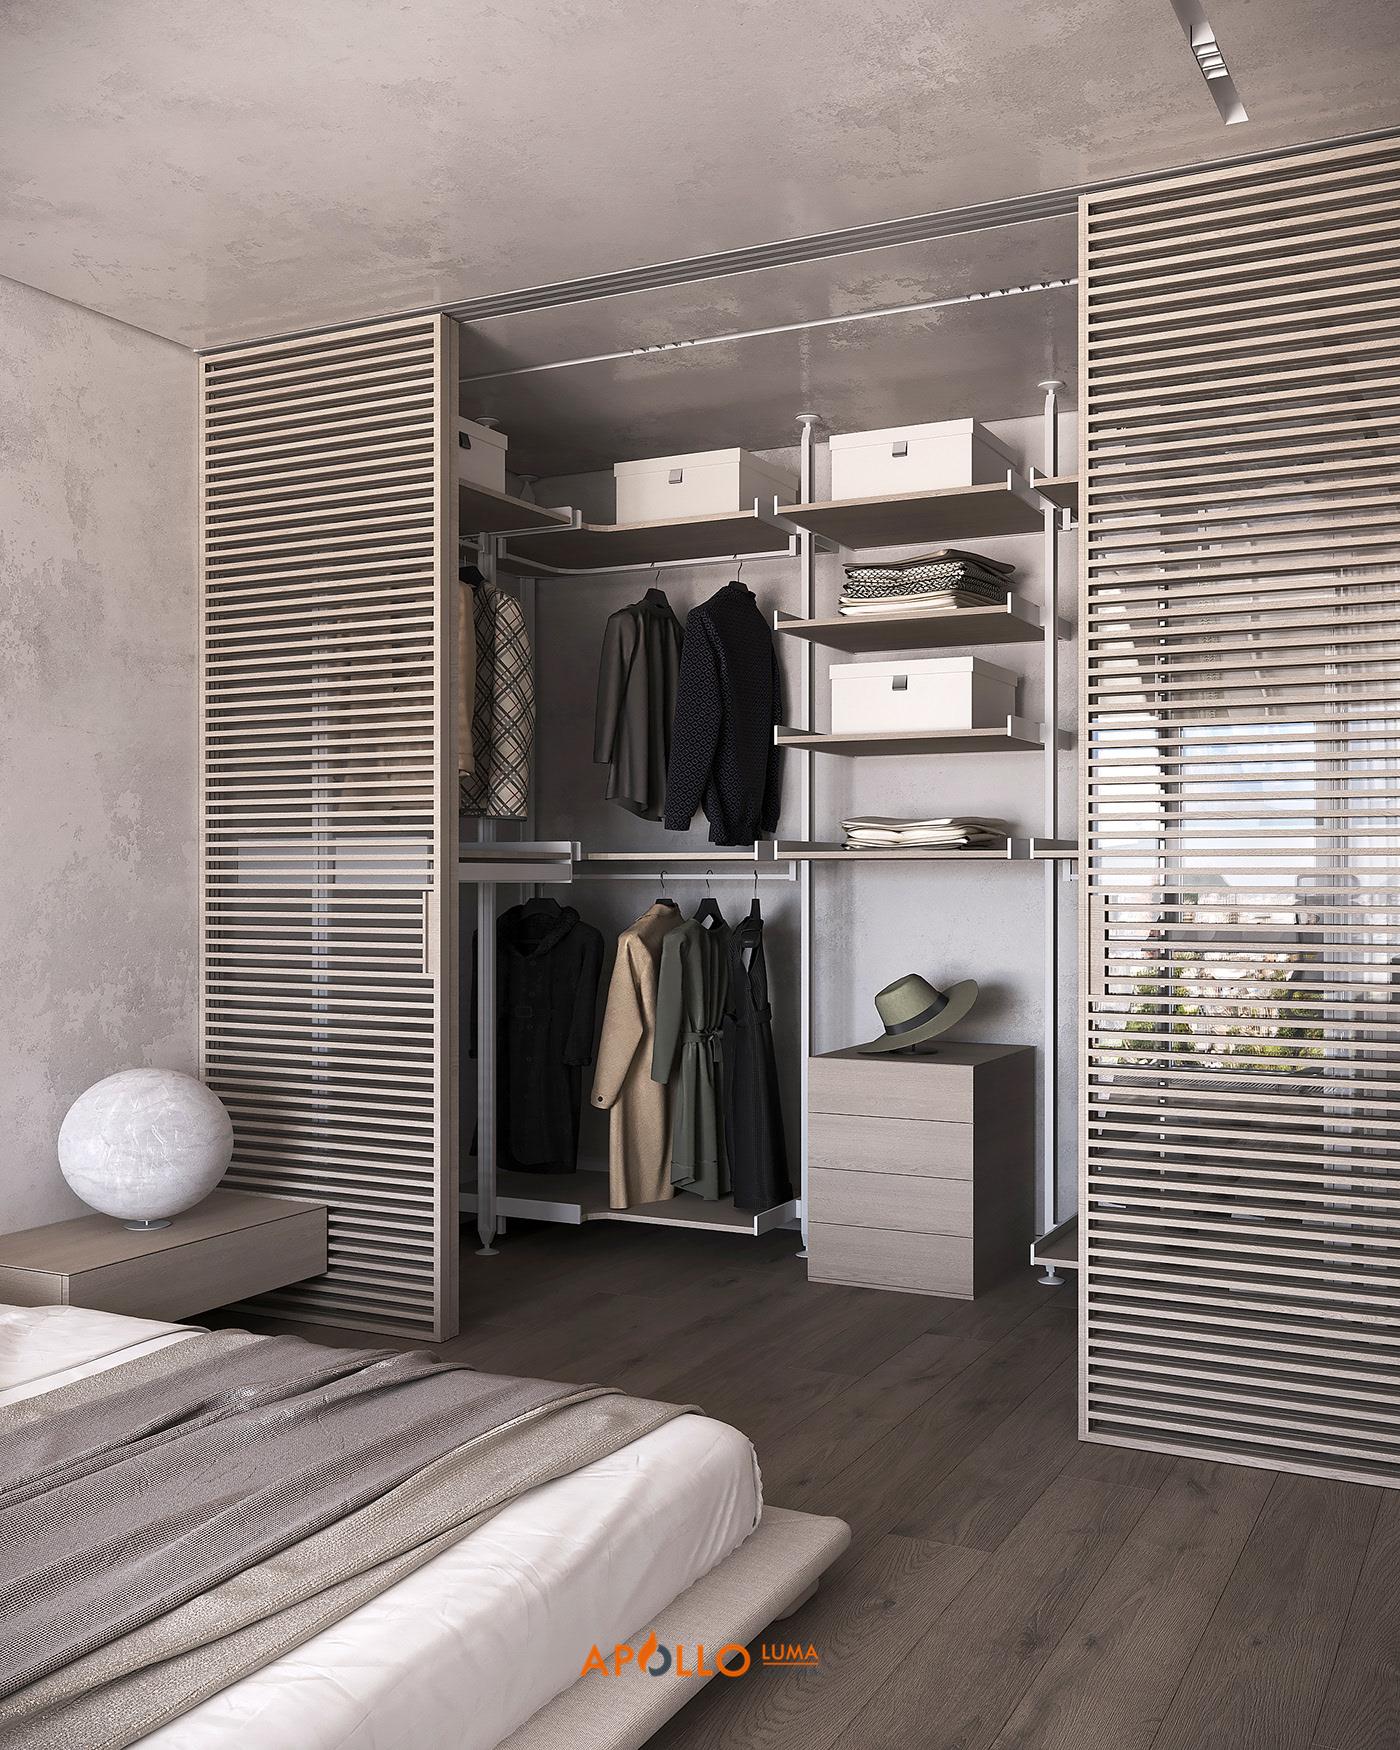 Phong cách nội thất Contemporary (Đương đại)